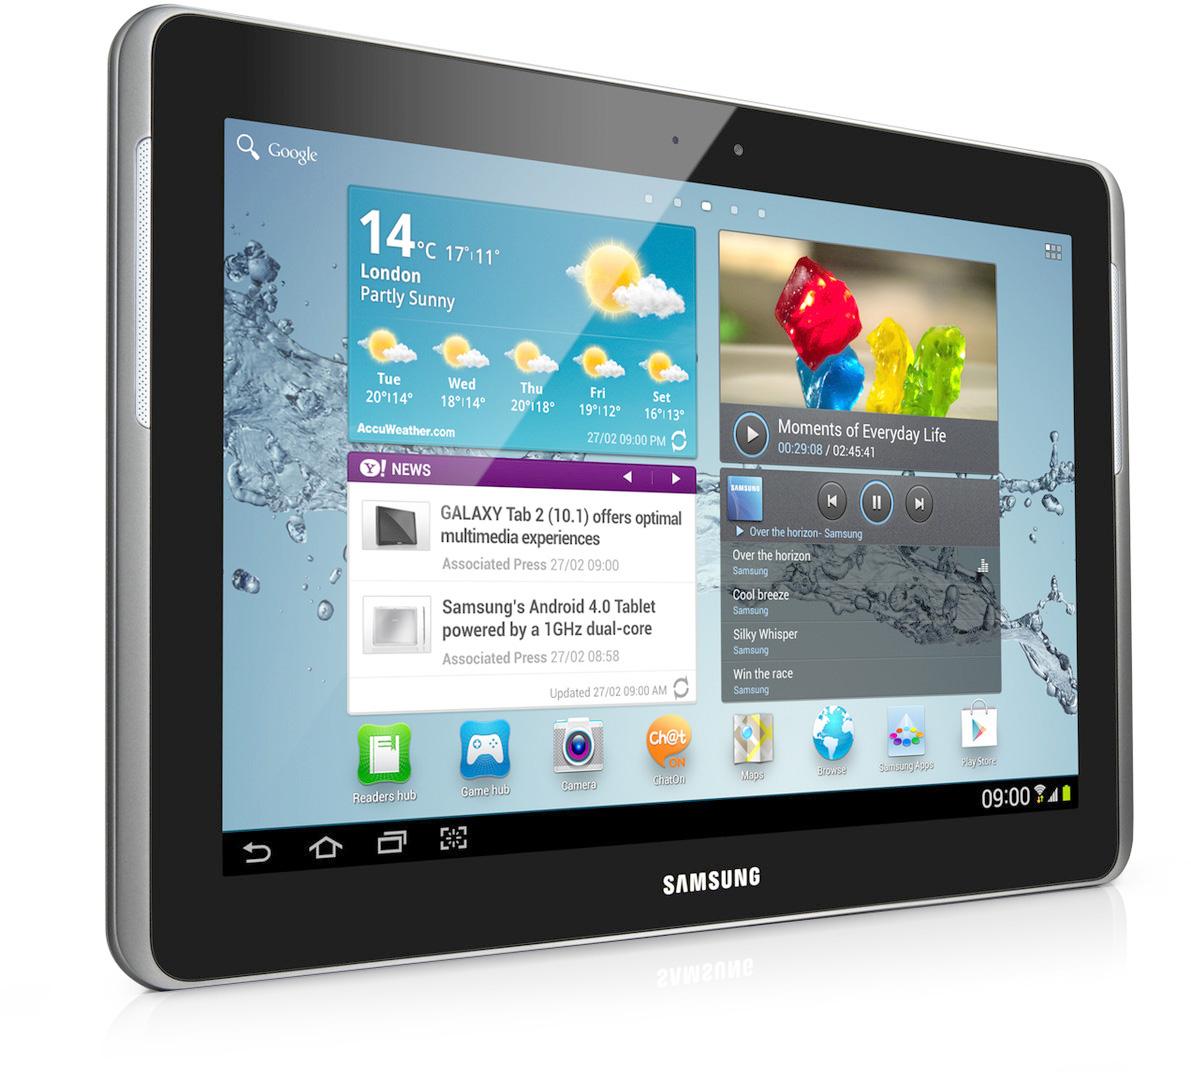 Samsung galaxy tab 2 10 1 im test